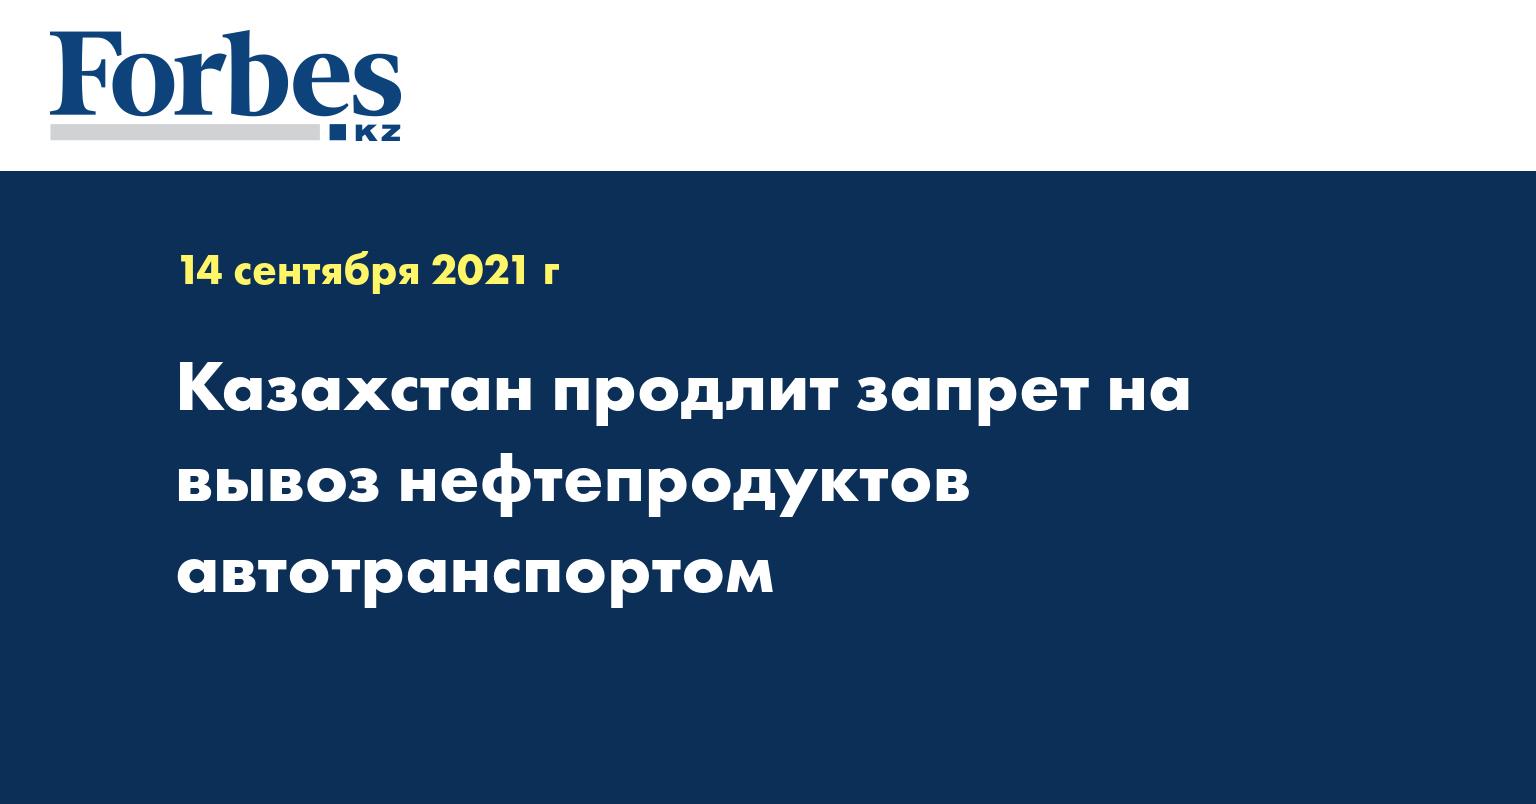 Казахстан продлит запрет на вывоз нефтепродуктов автотранспортом